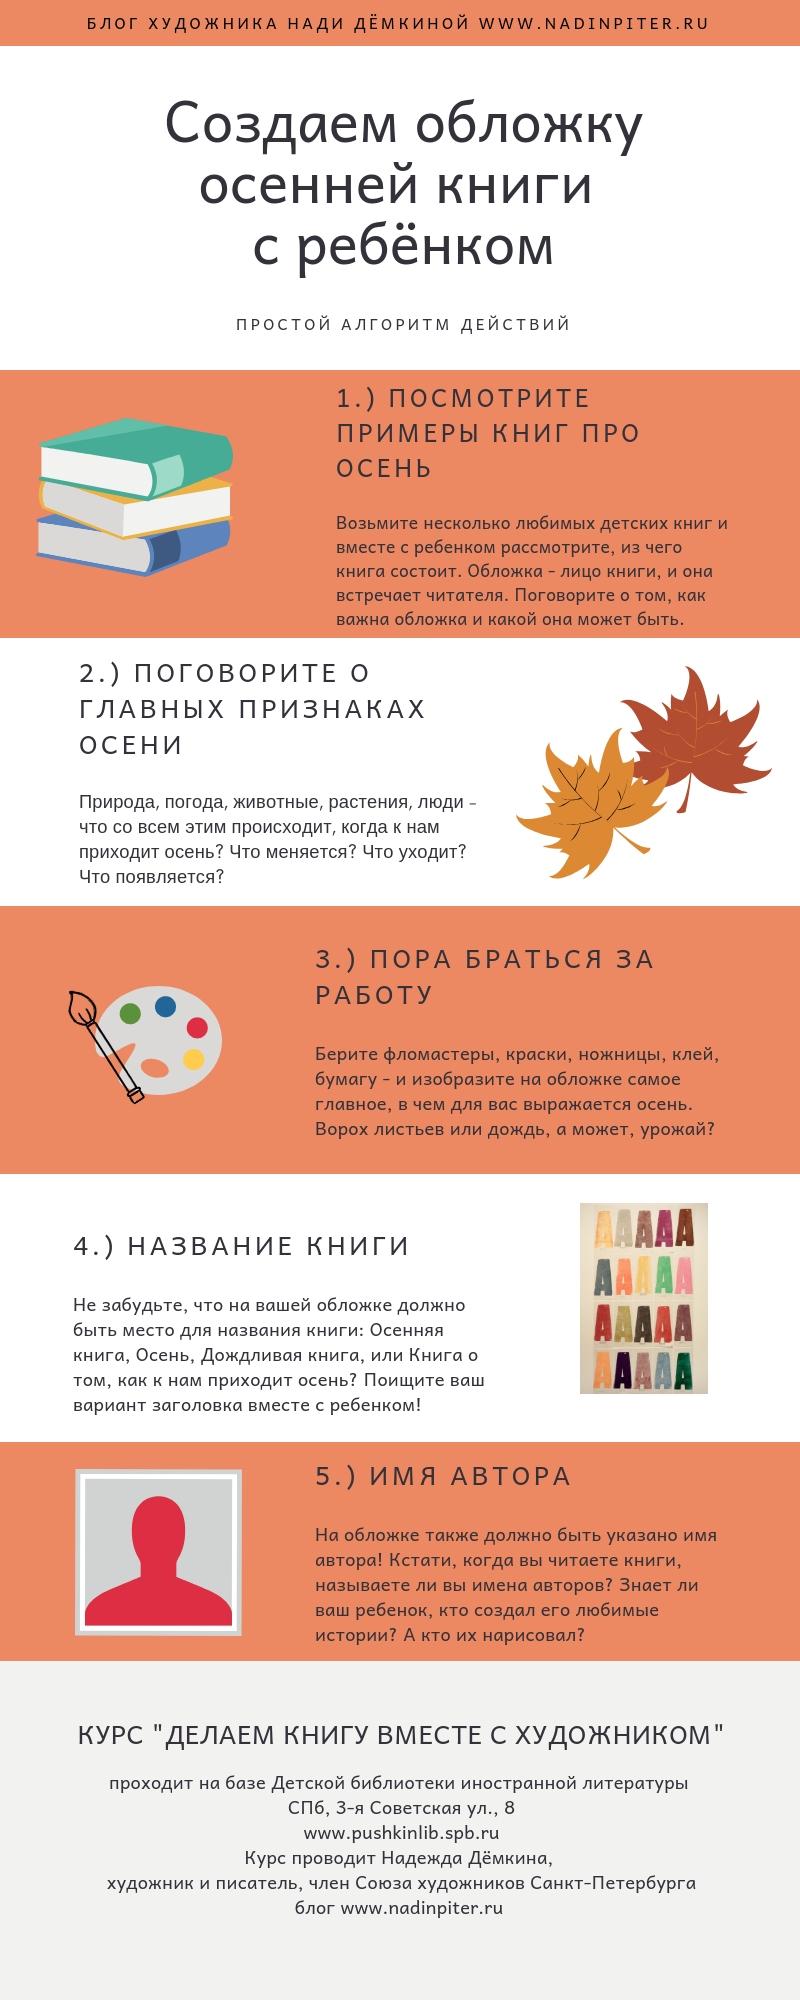 Как сделать осеннюю книгу с детьми: инструкция художника | Nadin Piter Надин Питер блог Нади Демкиной